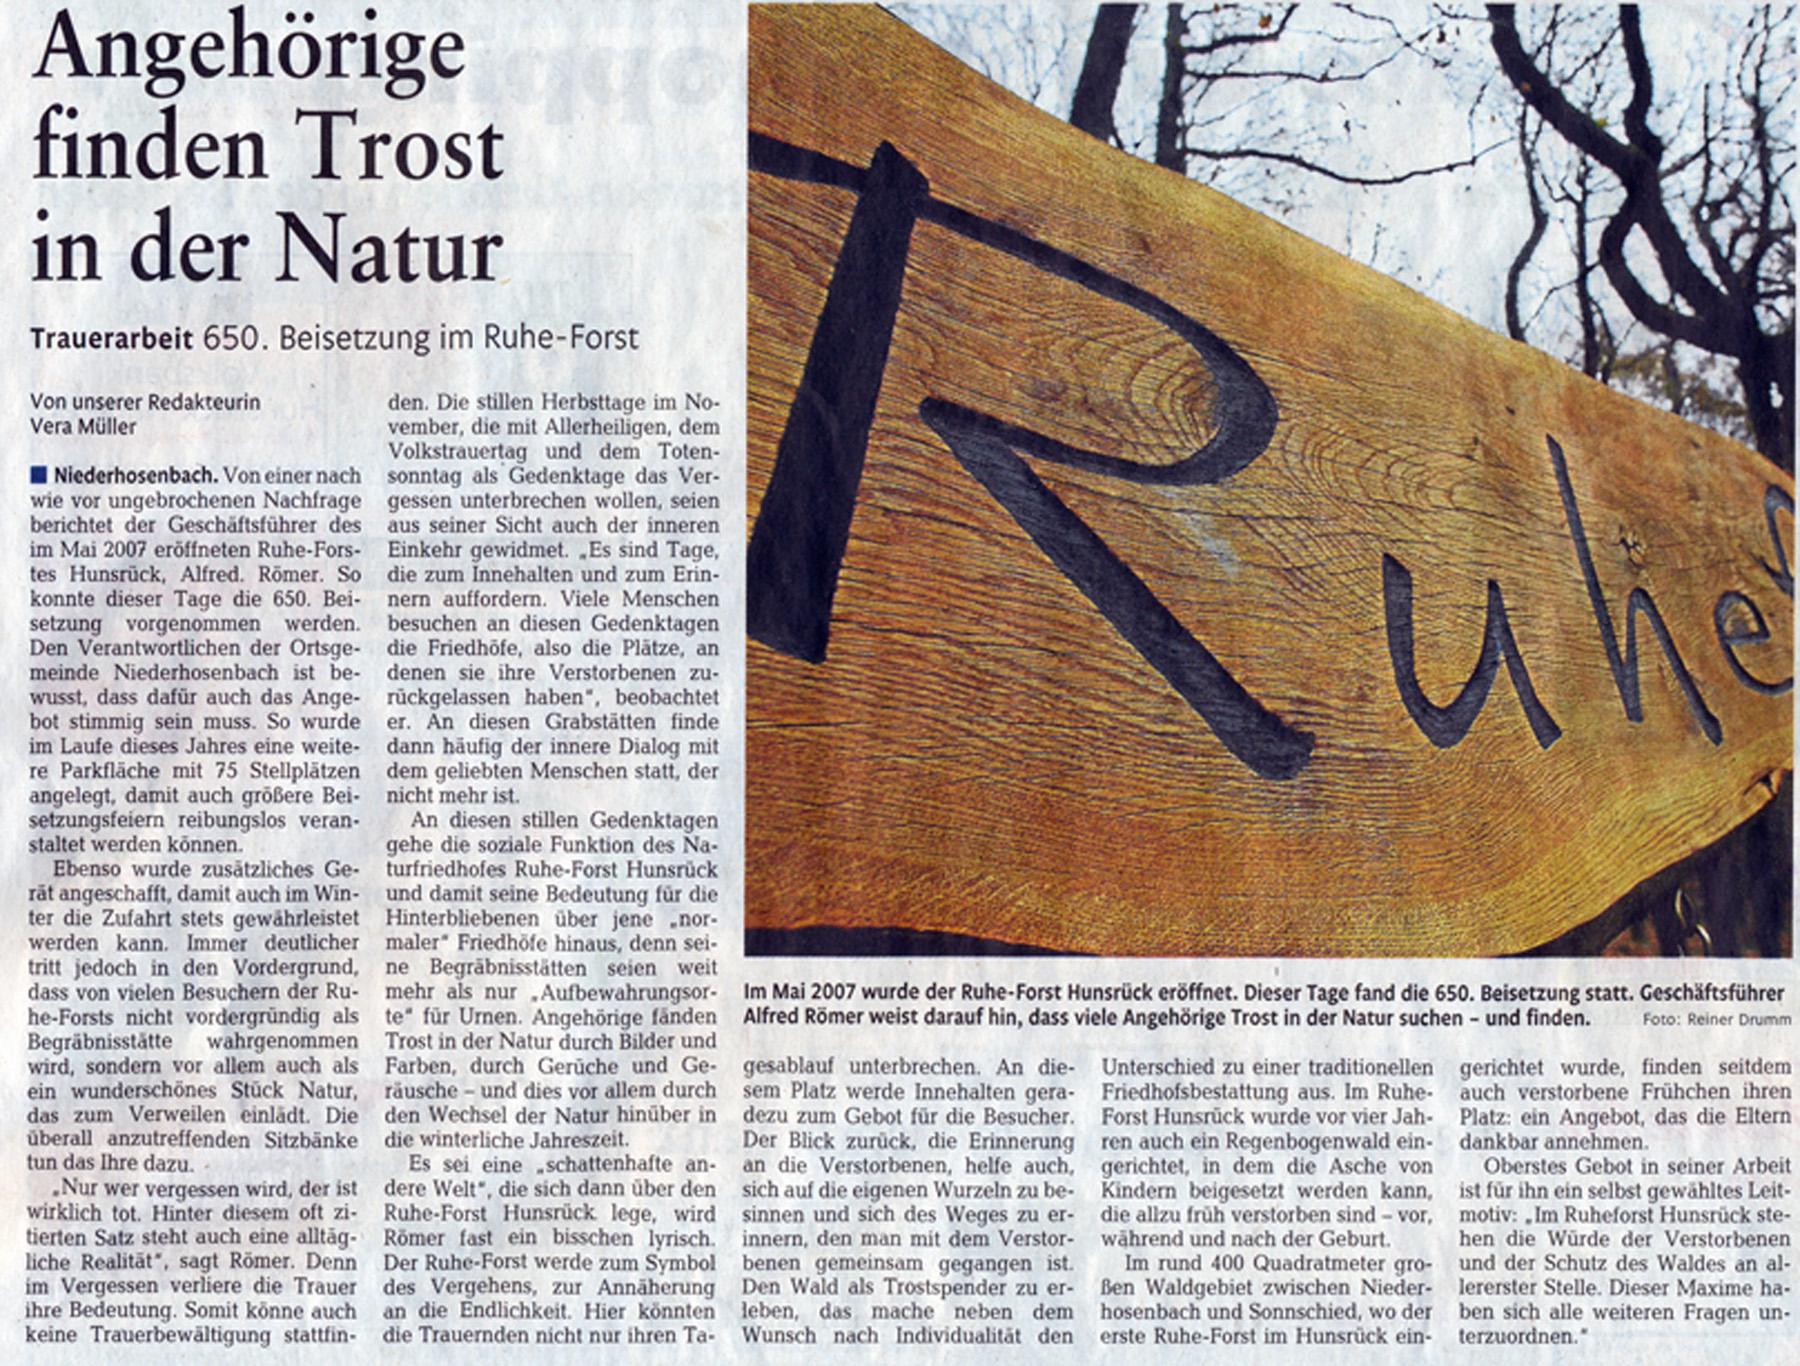 2013.11.30. Nahe-Zeitung - Kopie_bearbeitet-2